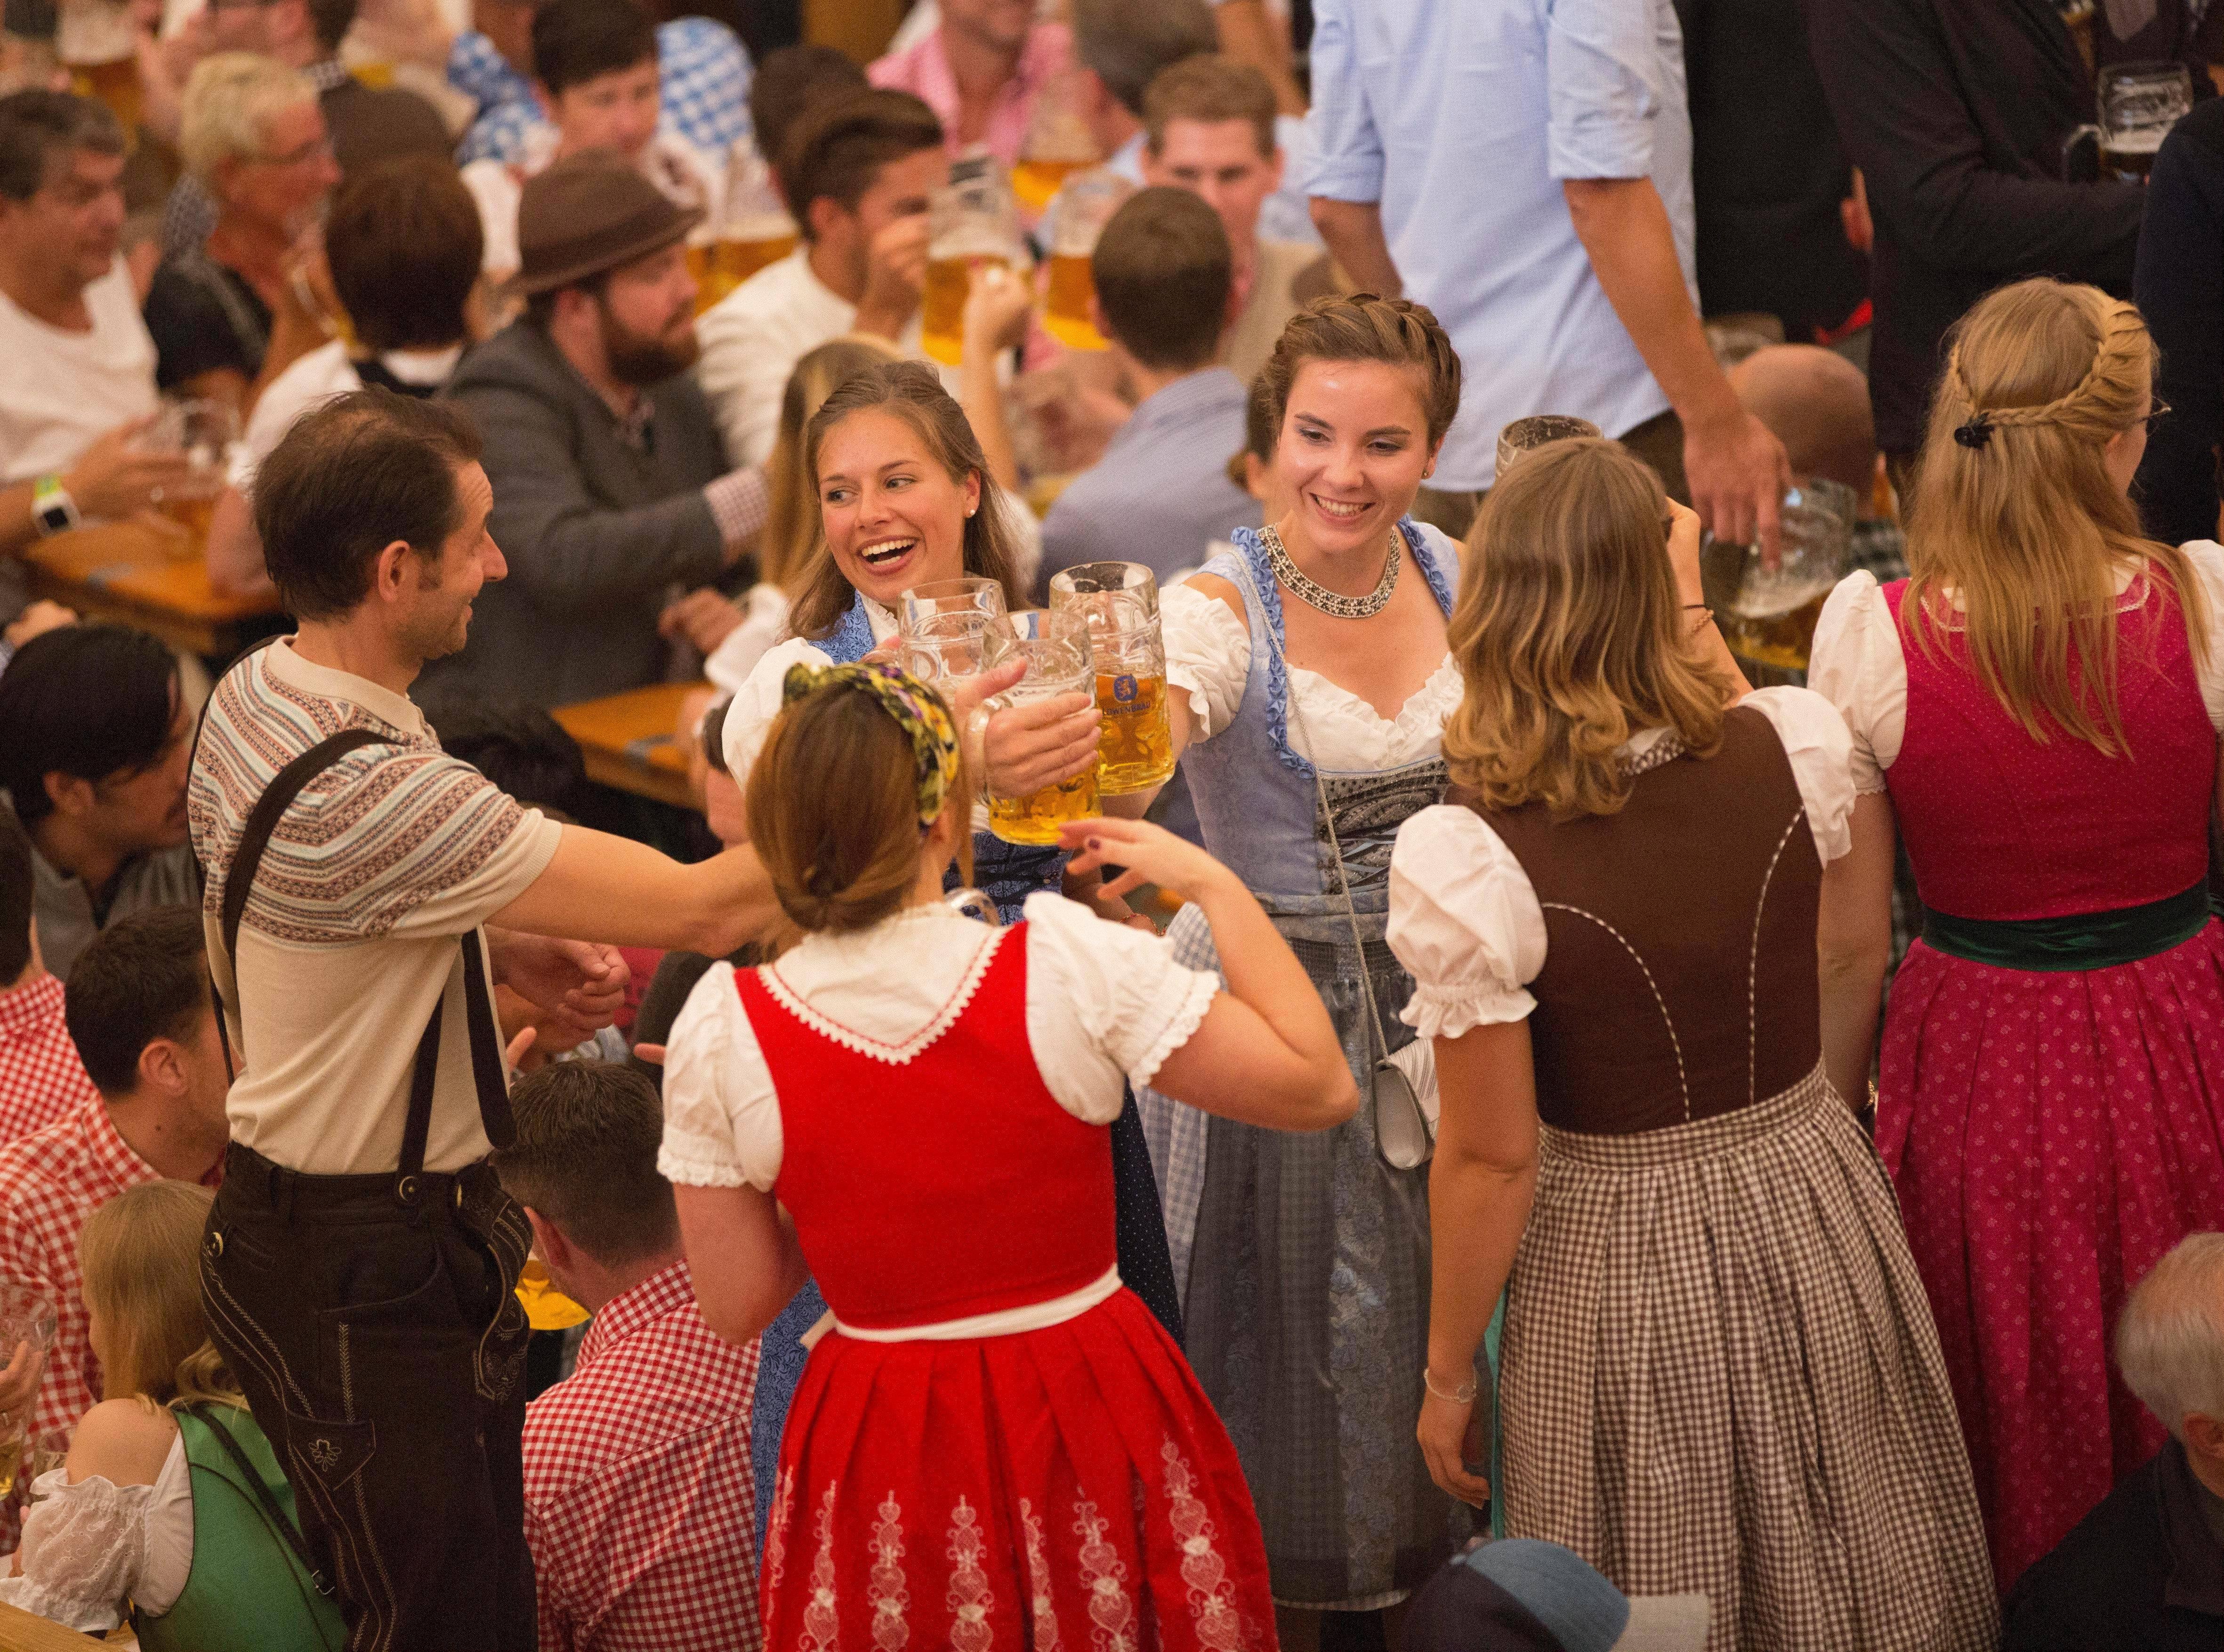 Октоберфест в германии - старинный праздник пива в мюнхене